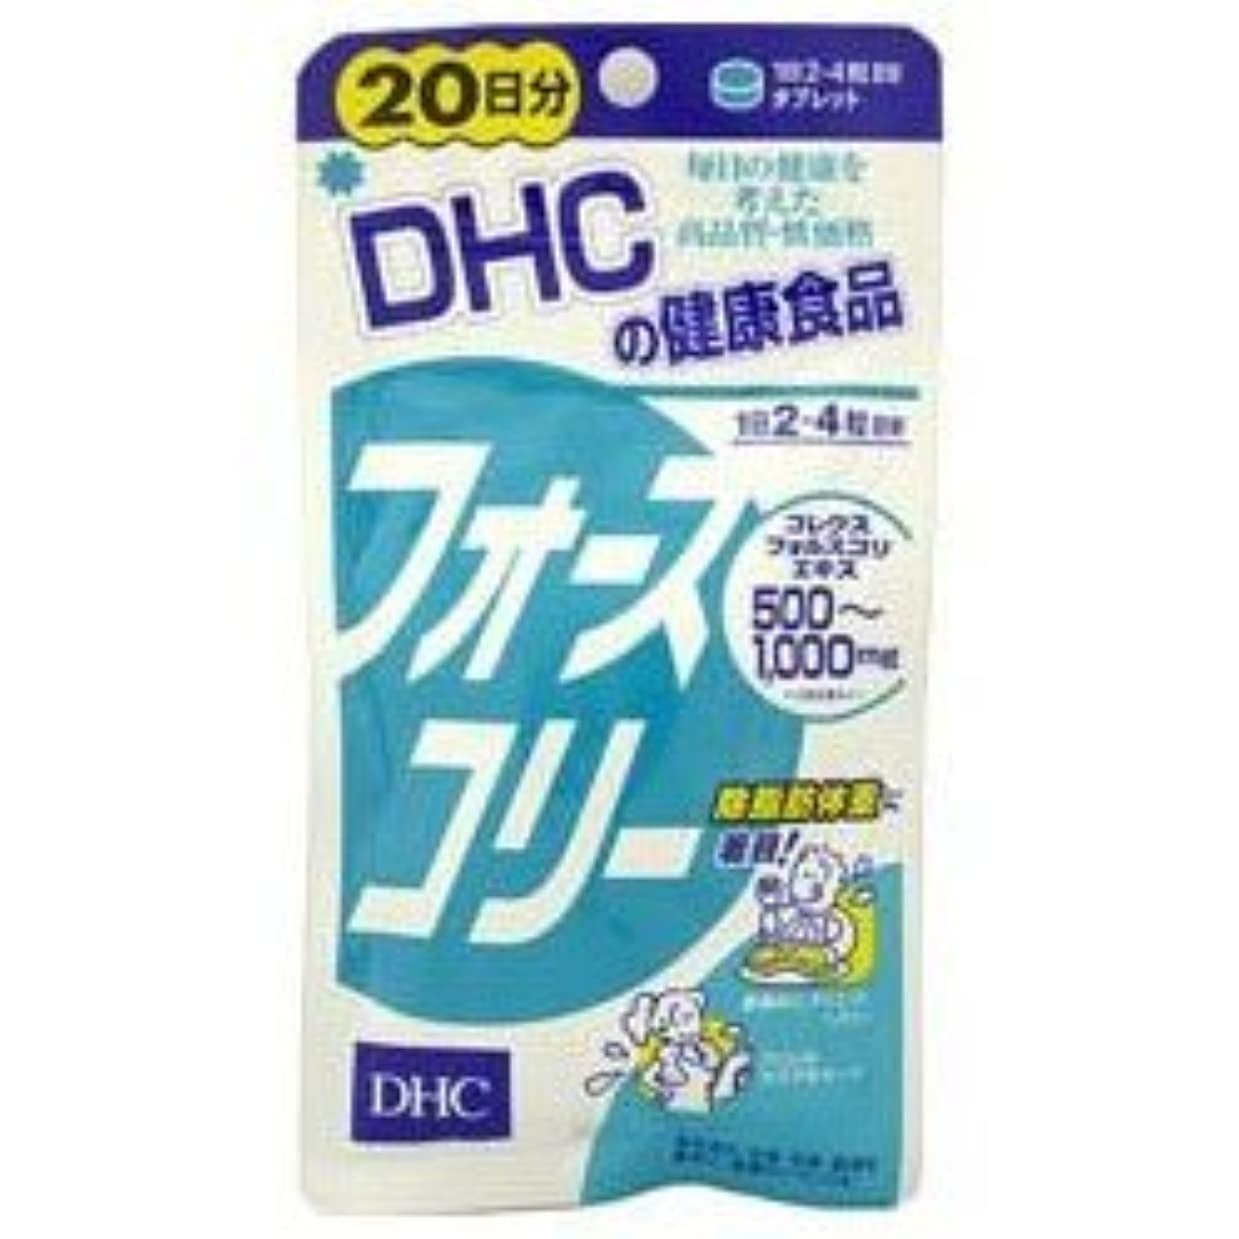 エレガントジェーンオースティン以内に【DHC】フォースコリー 20日分 (32.4g) ×20個セット